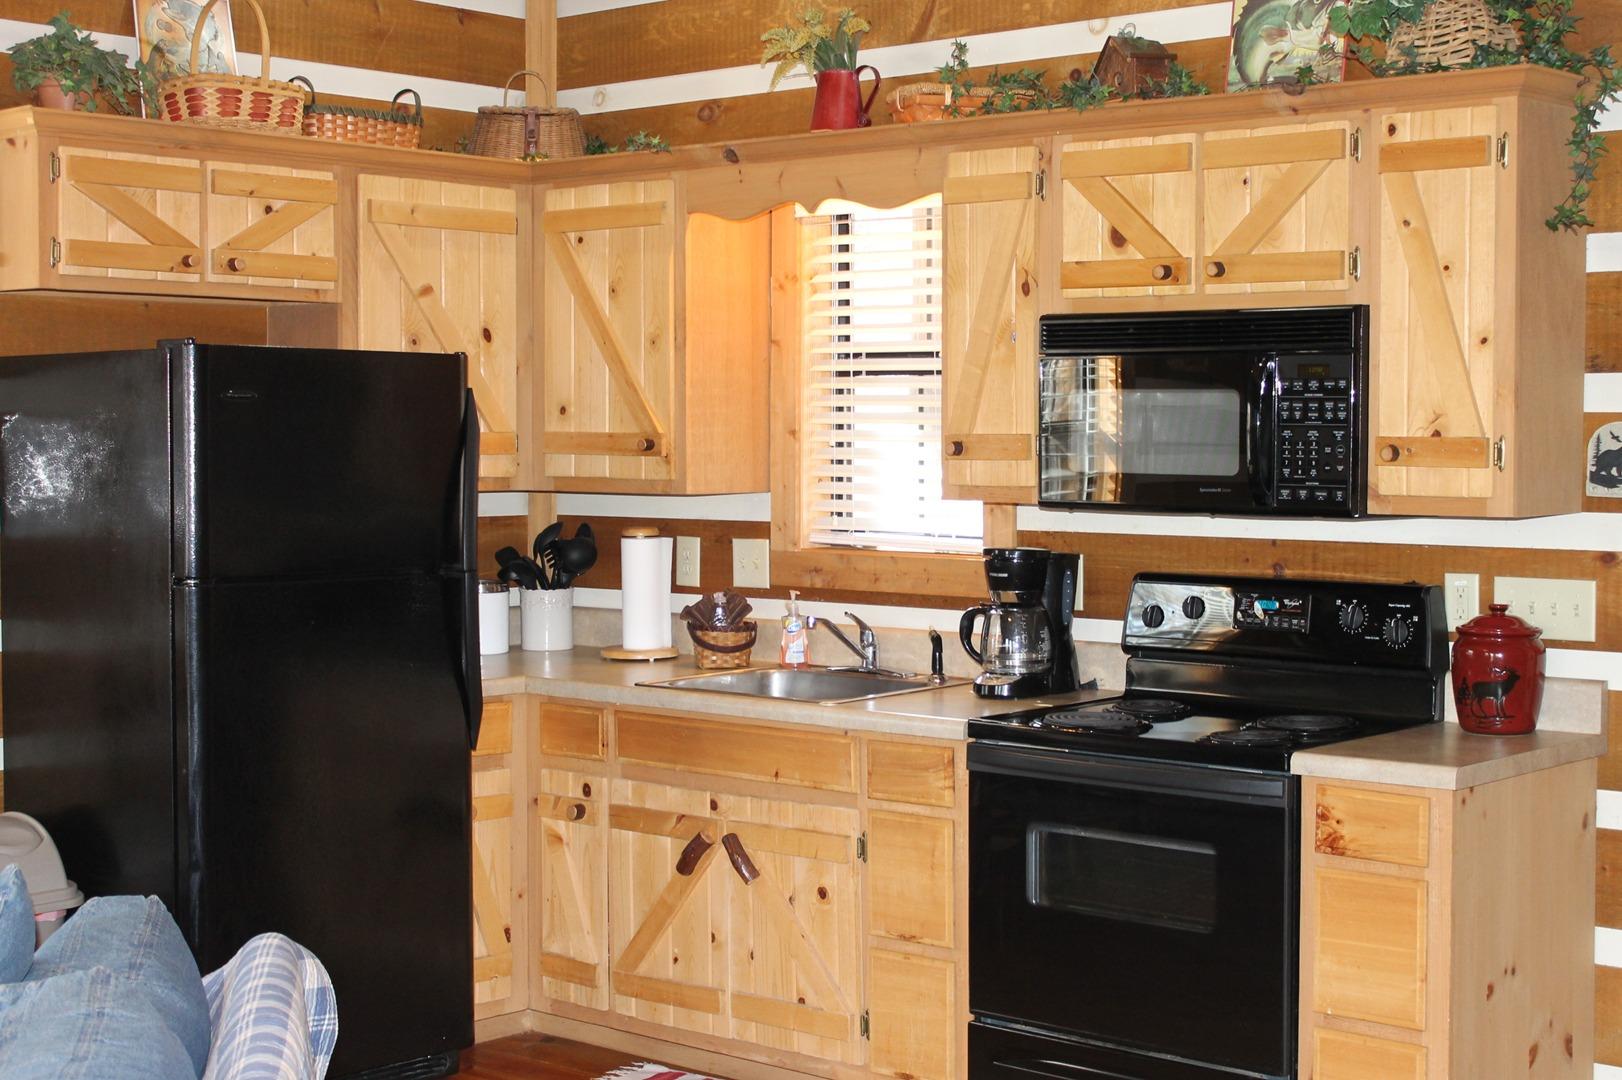 Kitchen Area Airbnb Alternative helen Georgia Rentals